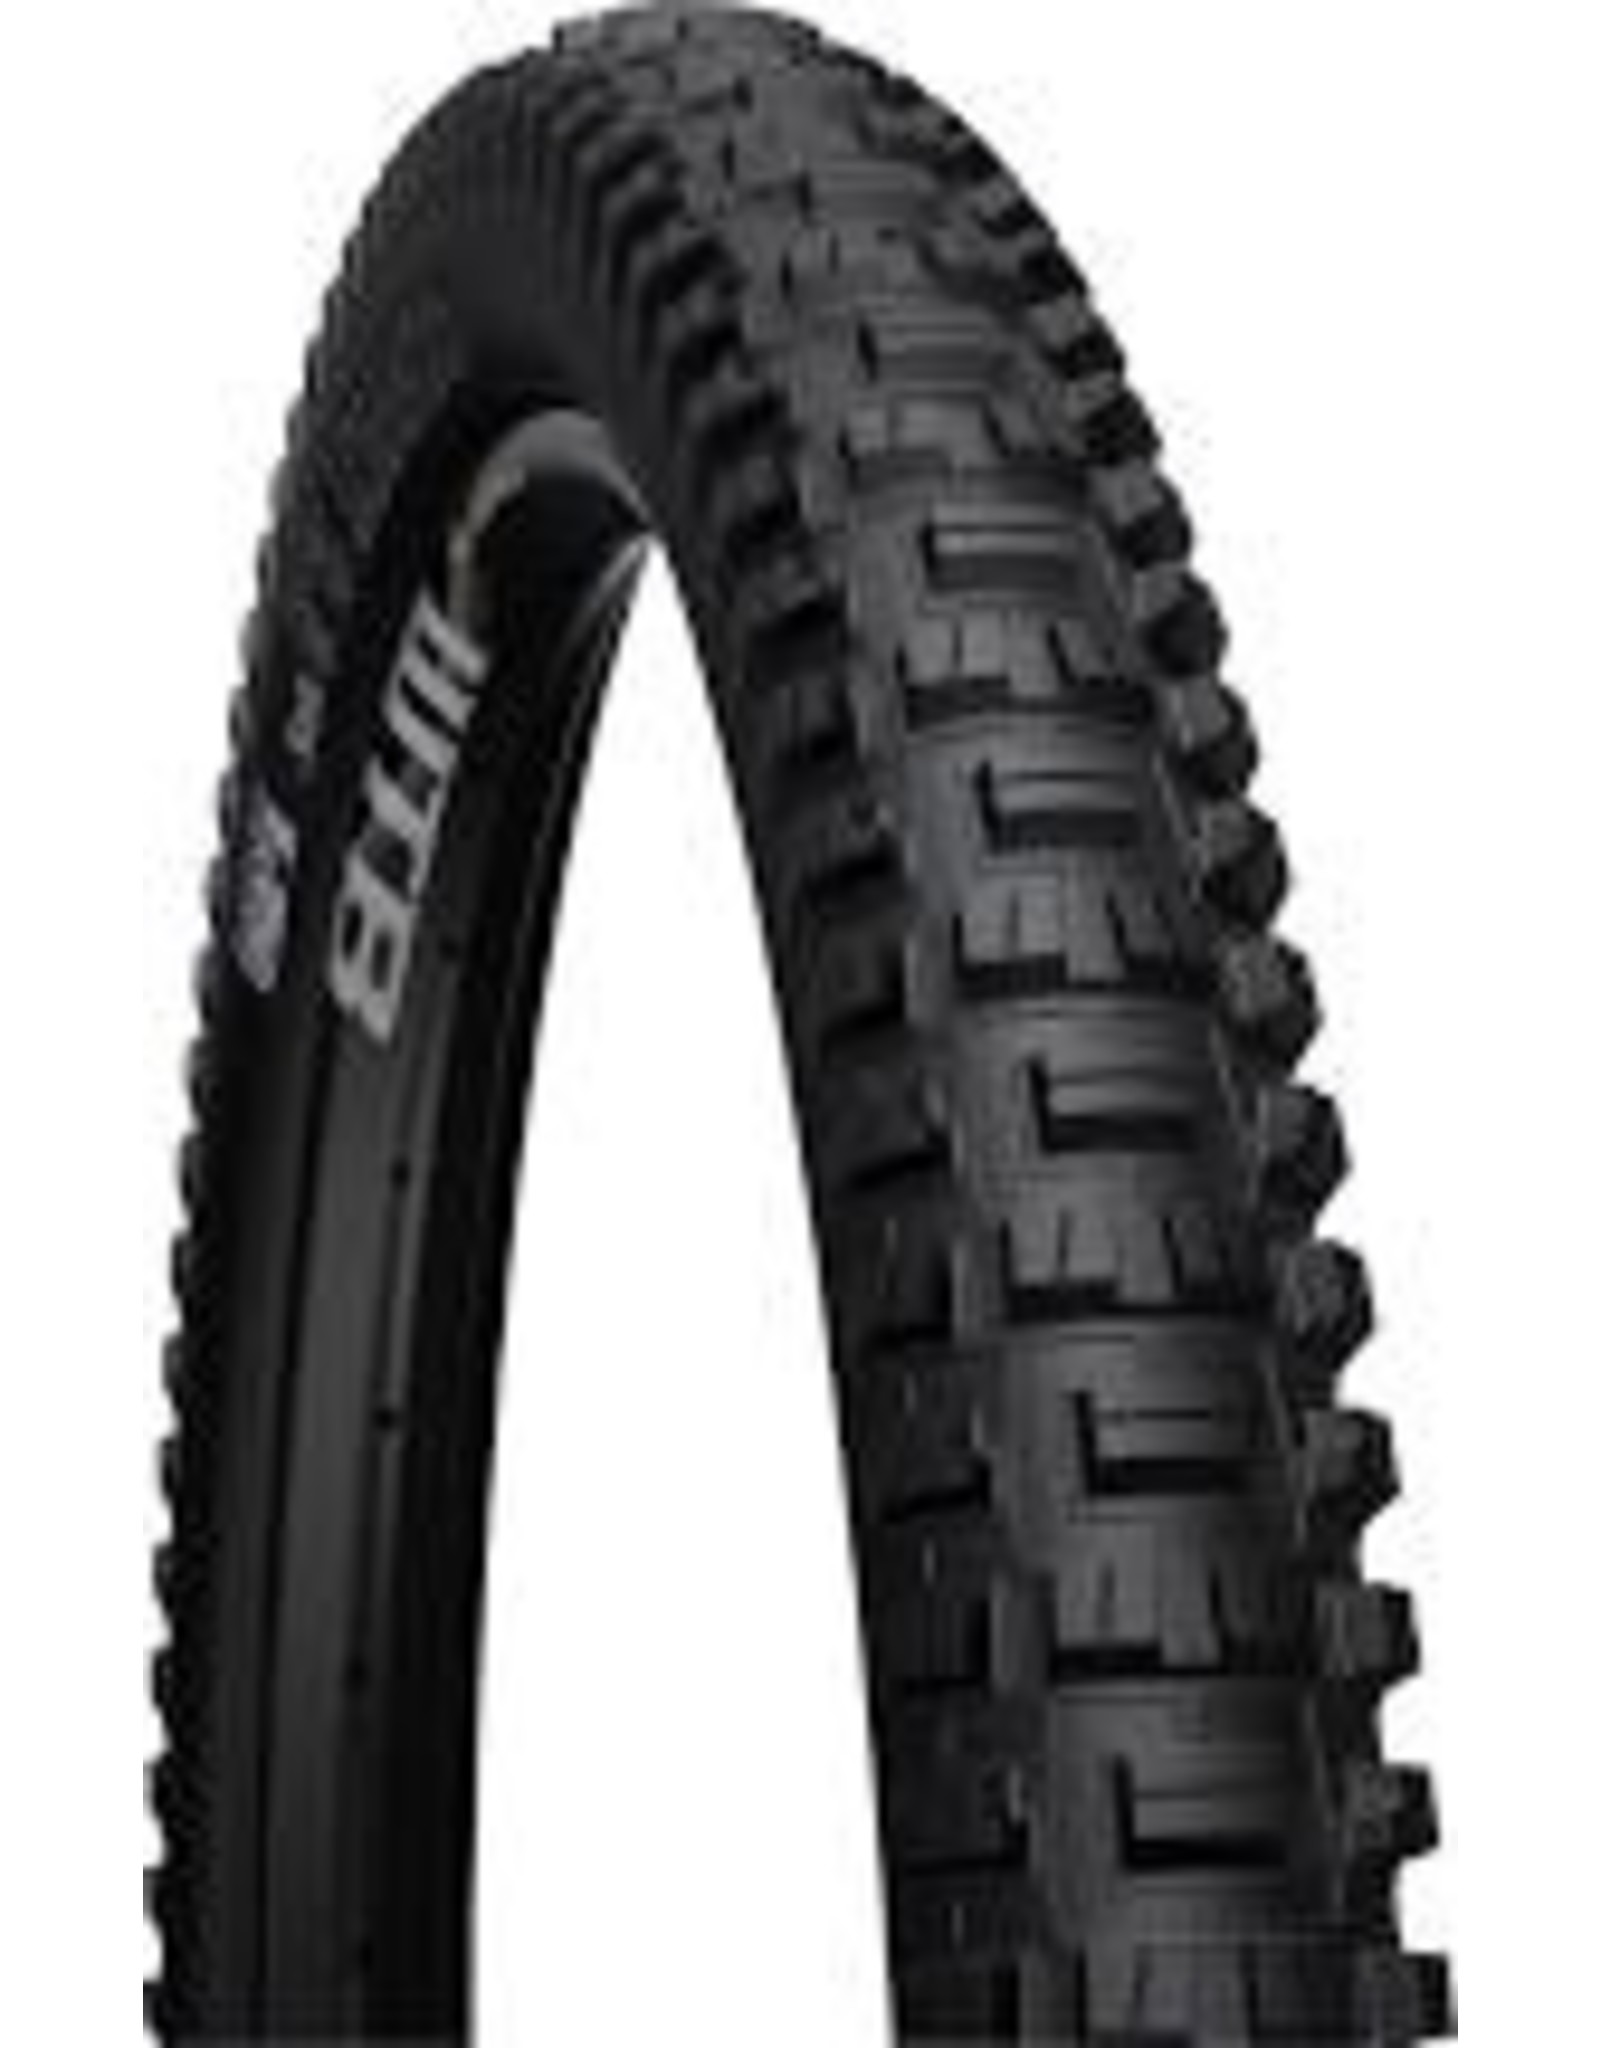 WTB WTB Convict Tire - 27.5 x 2.5, TCS Tubeless, Folding, Black, Tough, Fast Rolling